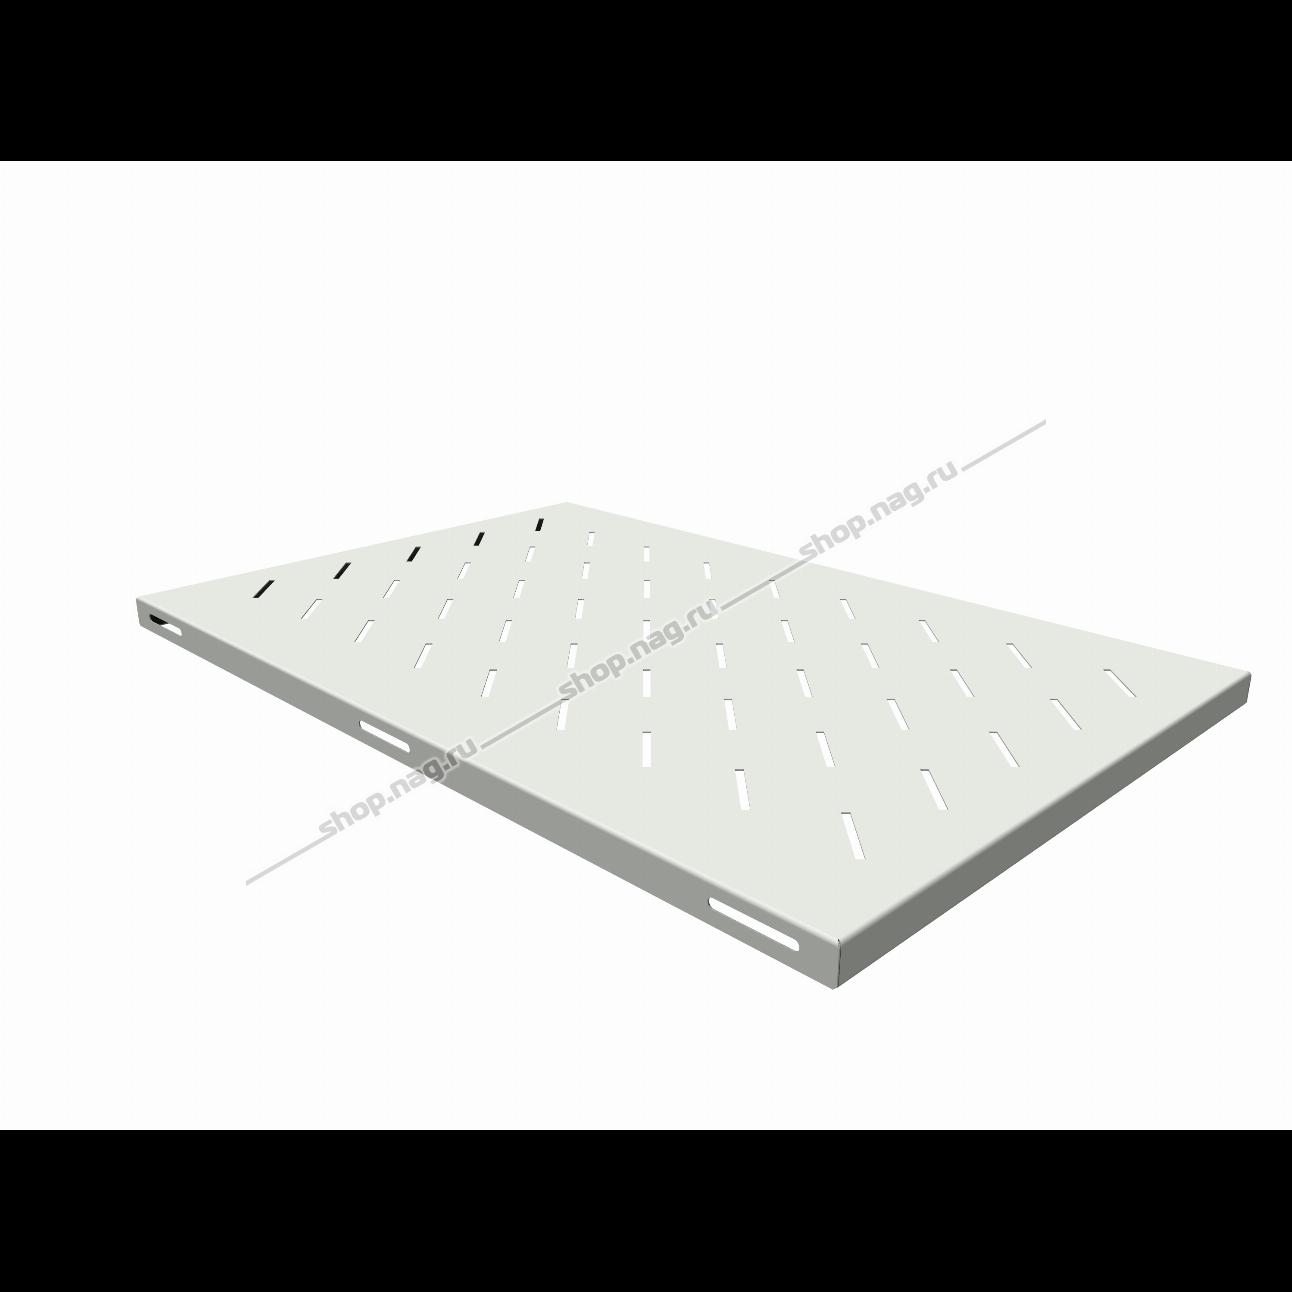 Полка стационарная для шкафов глубиной 1000мм, (глубина полки 710мм) распределенная нагрузка 20кг, цвет-серый (SNR-SHELF-10071-20G)